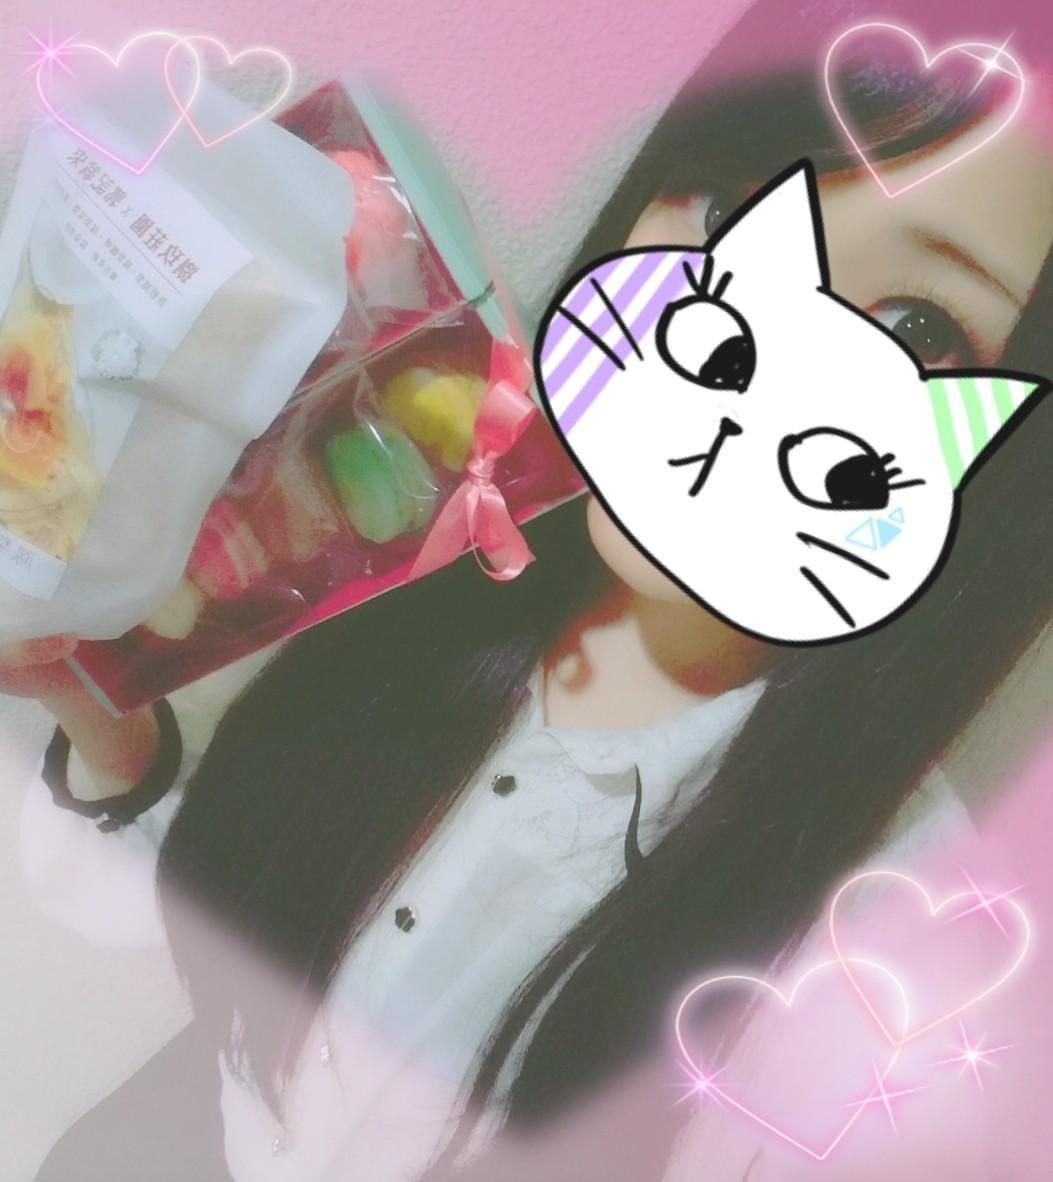 「♡お礼♡」10/19(10/19) 23:17 | ことね★プレミア★の写メ・風俗動画